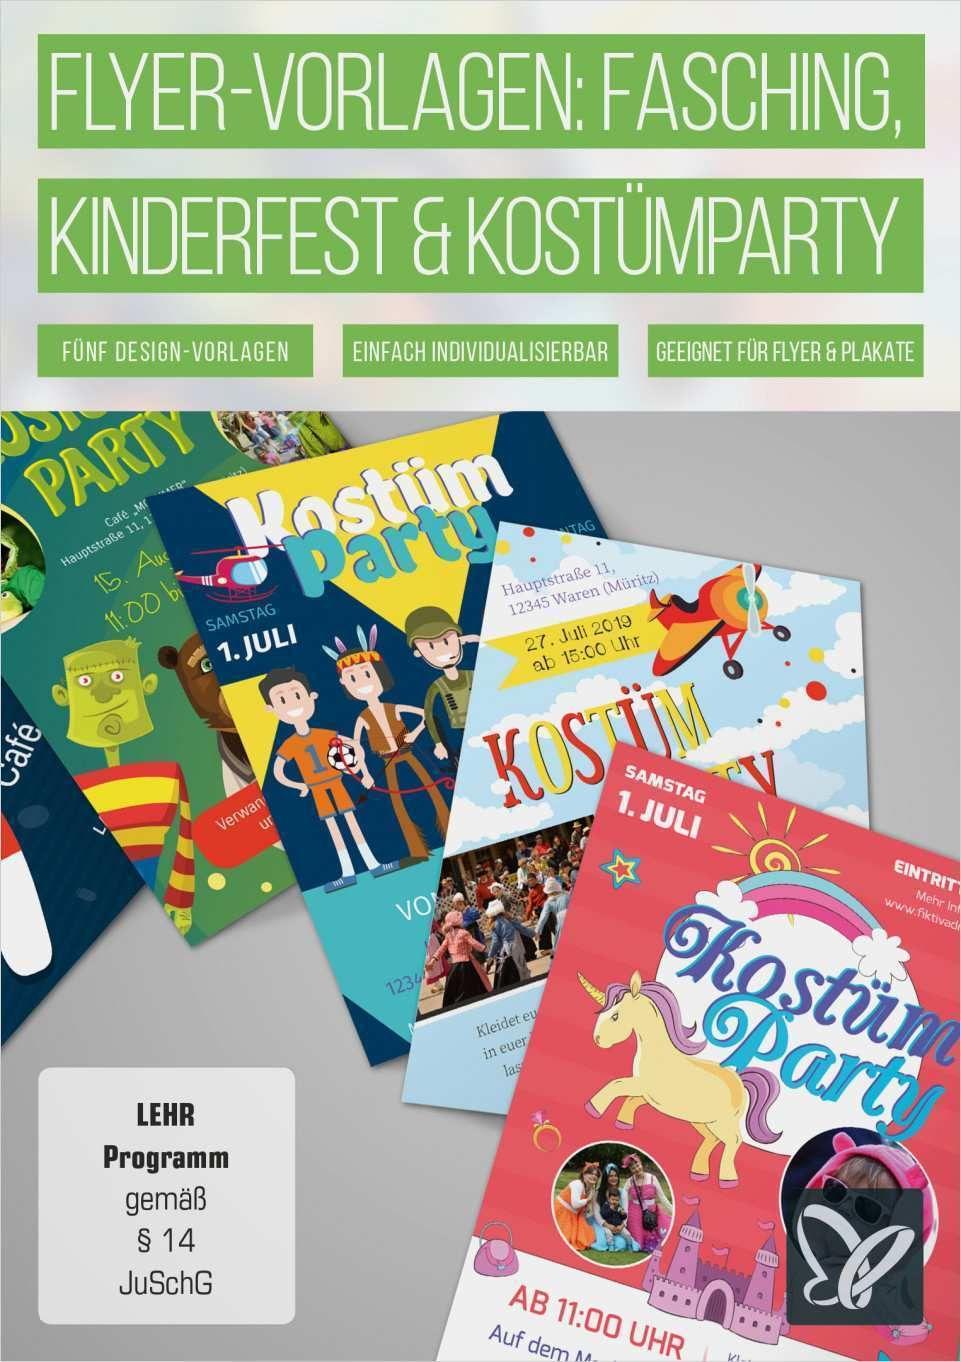 31 Erstaunlich Karneval Plakat Vorlage Vorrate In 2020 Kinderfest Fasching Flyer Vorlage